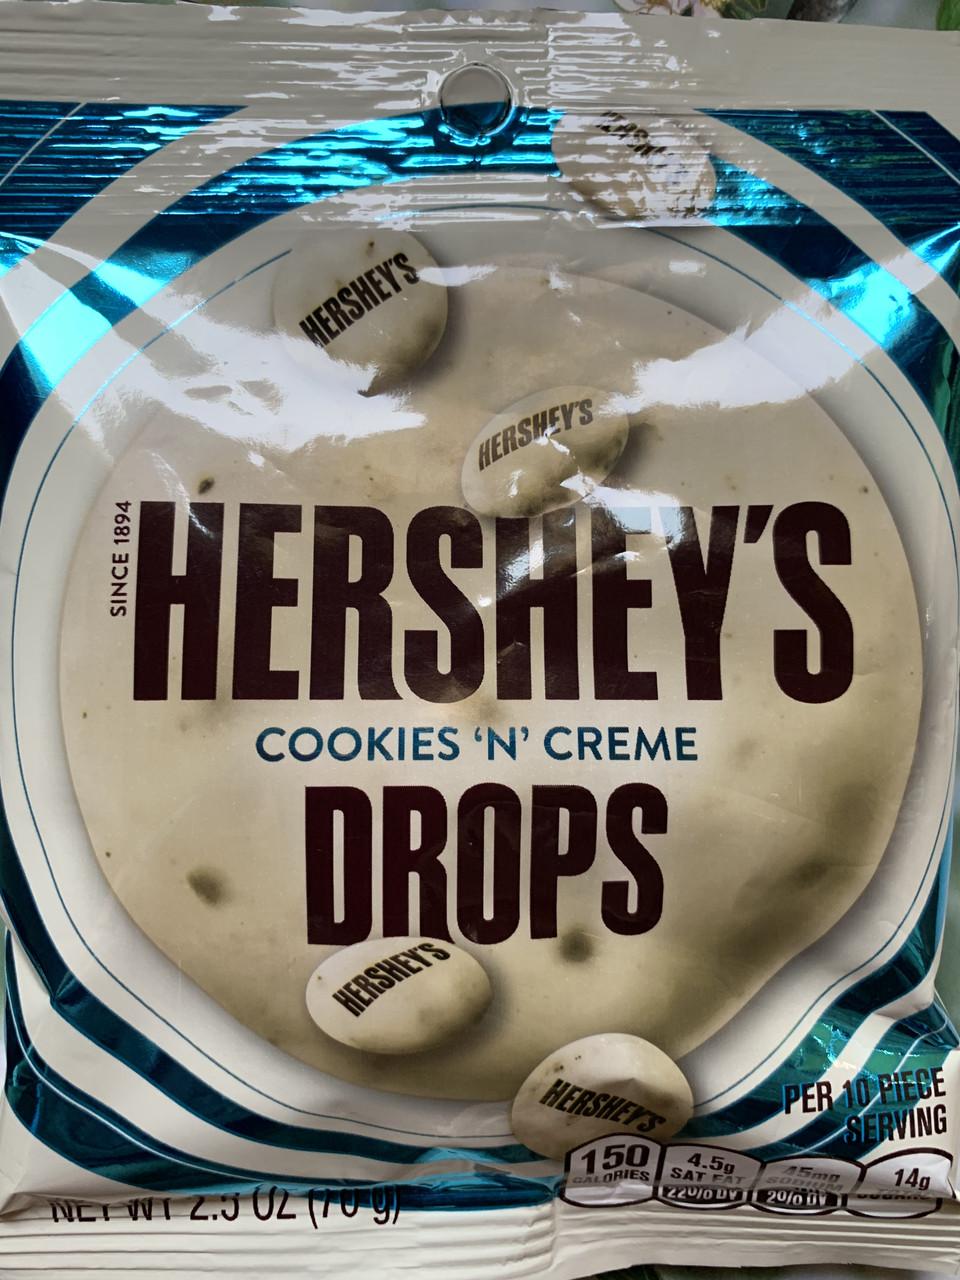 Шоколадные конфеты Hershey's Drops белый шоколад с печеньем